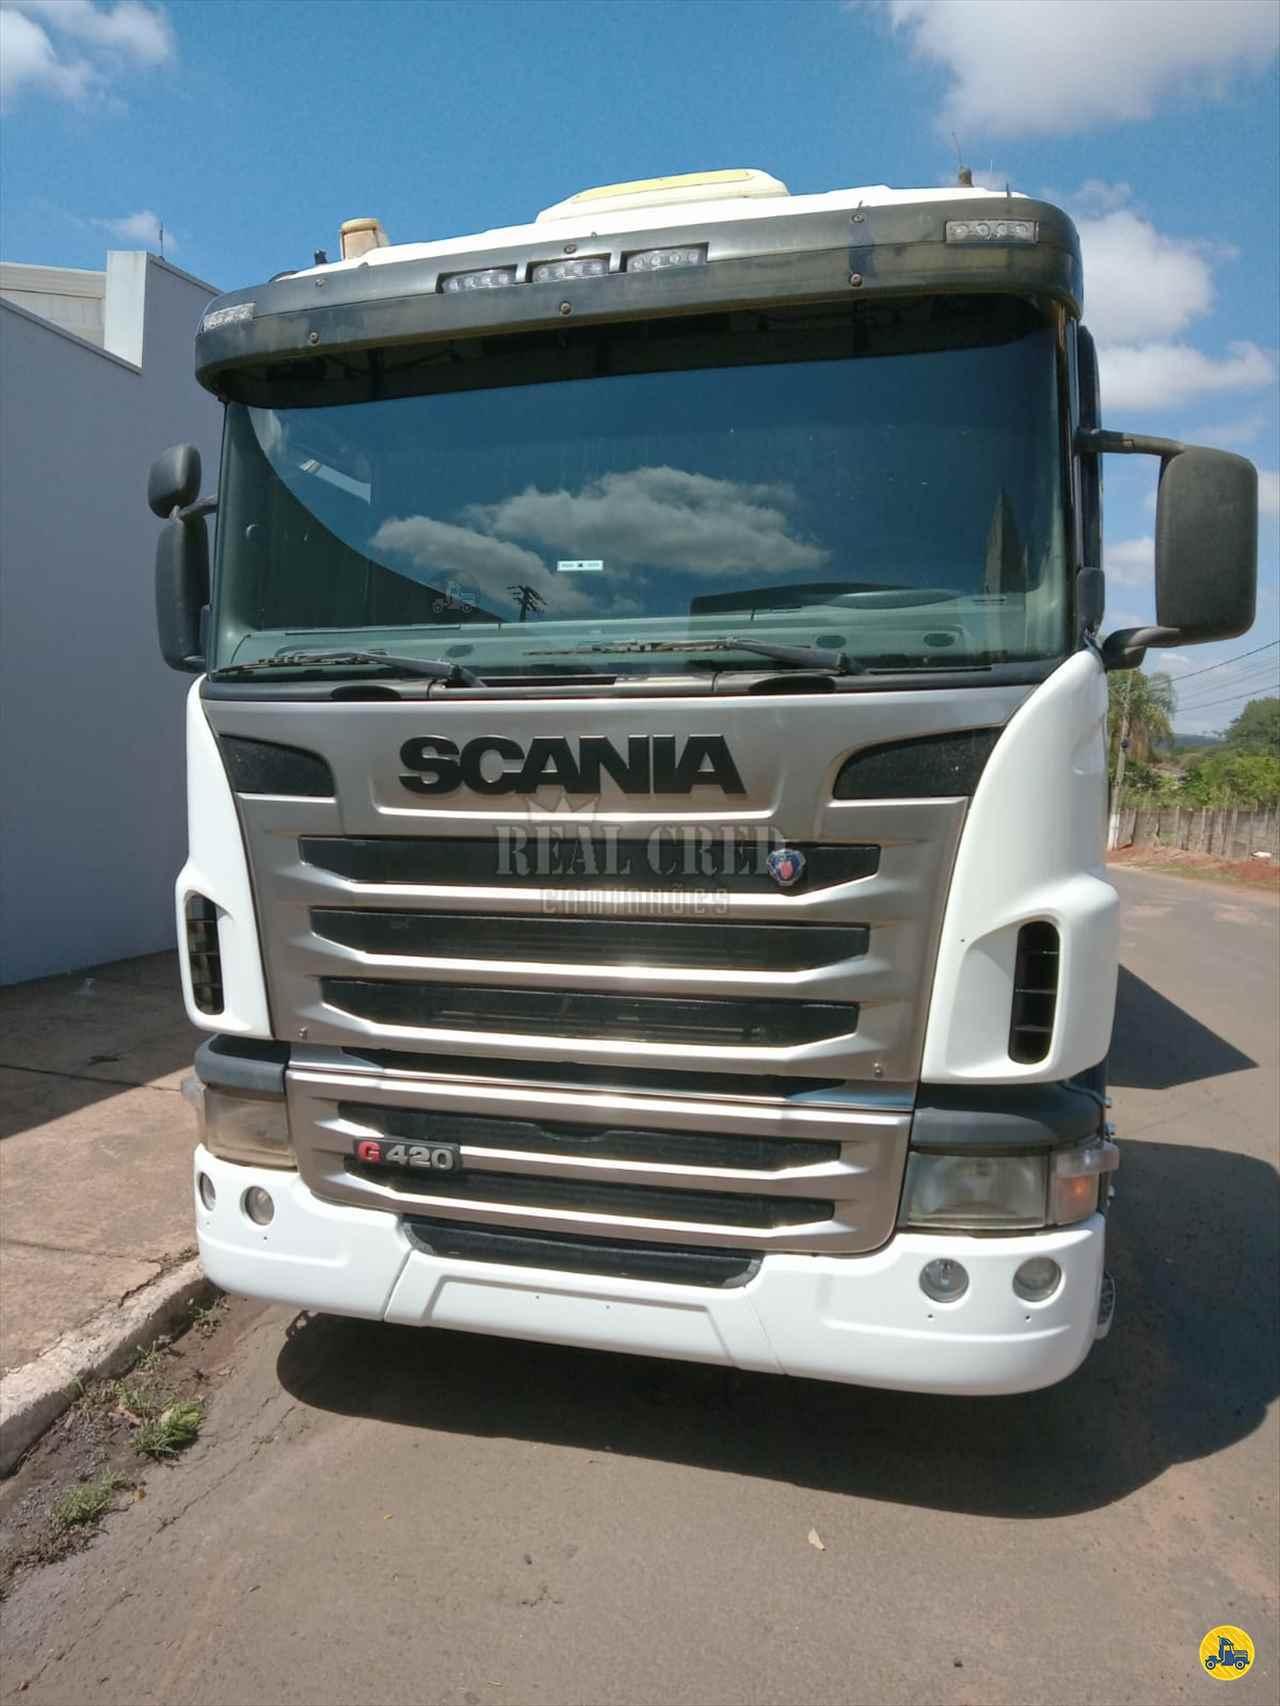 CAMINHAO SCANIA SCANIA 420 Cavalo Mecânico Truck 6x2 Real Cred Caminhões PIEDADE SÃO PAULO SP